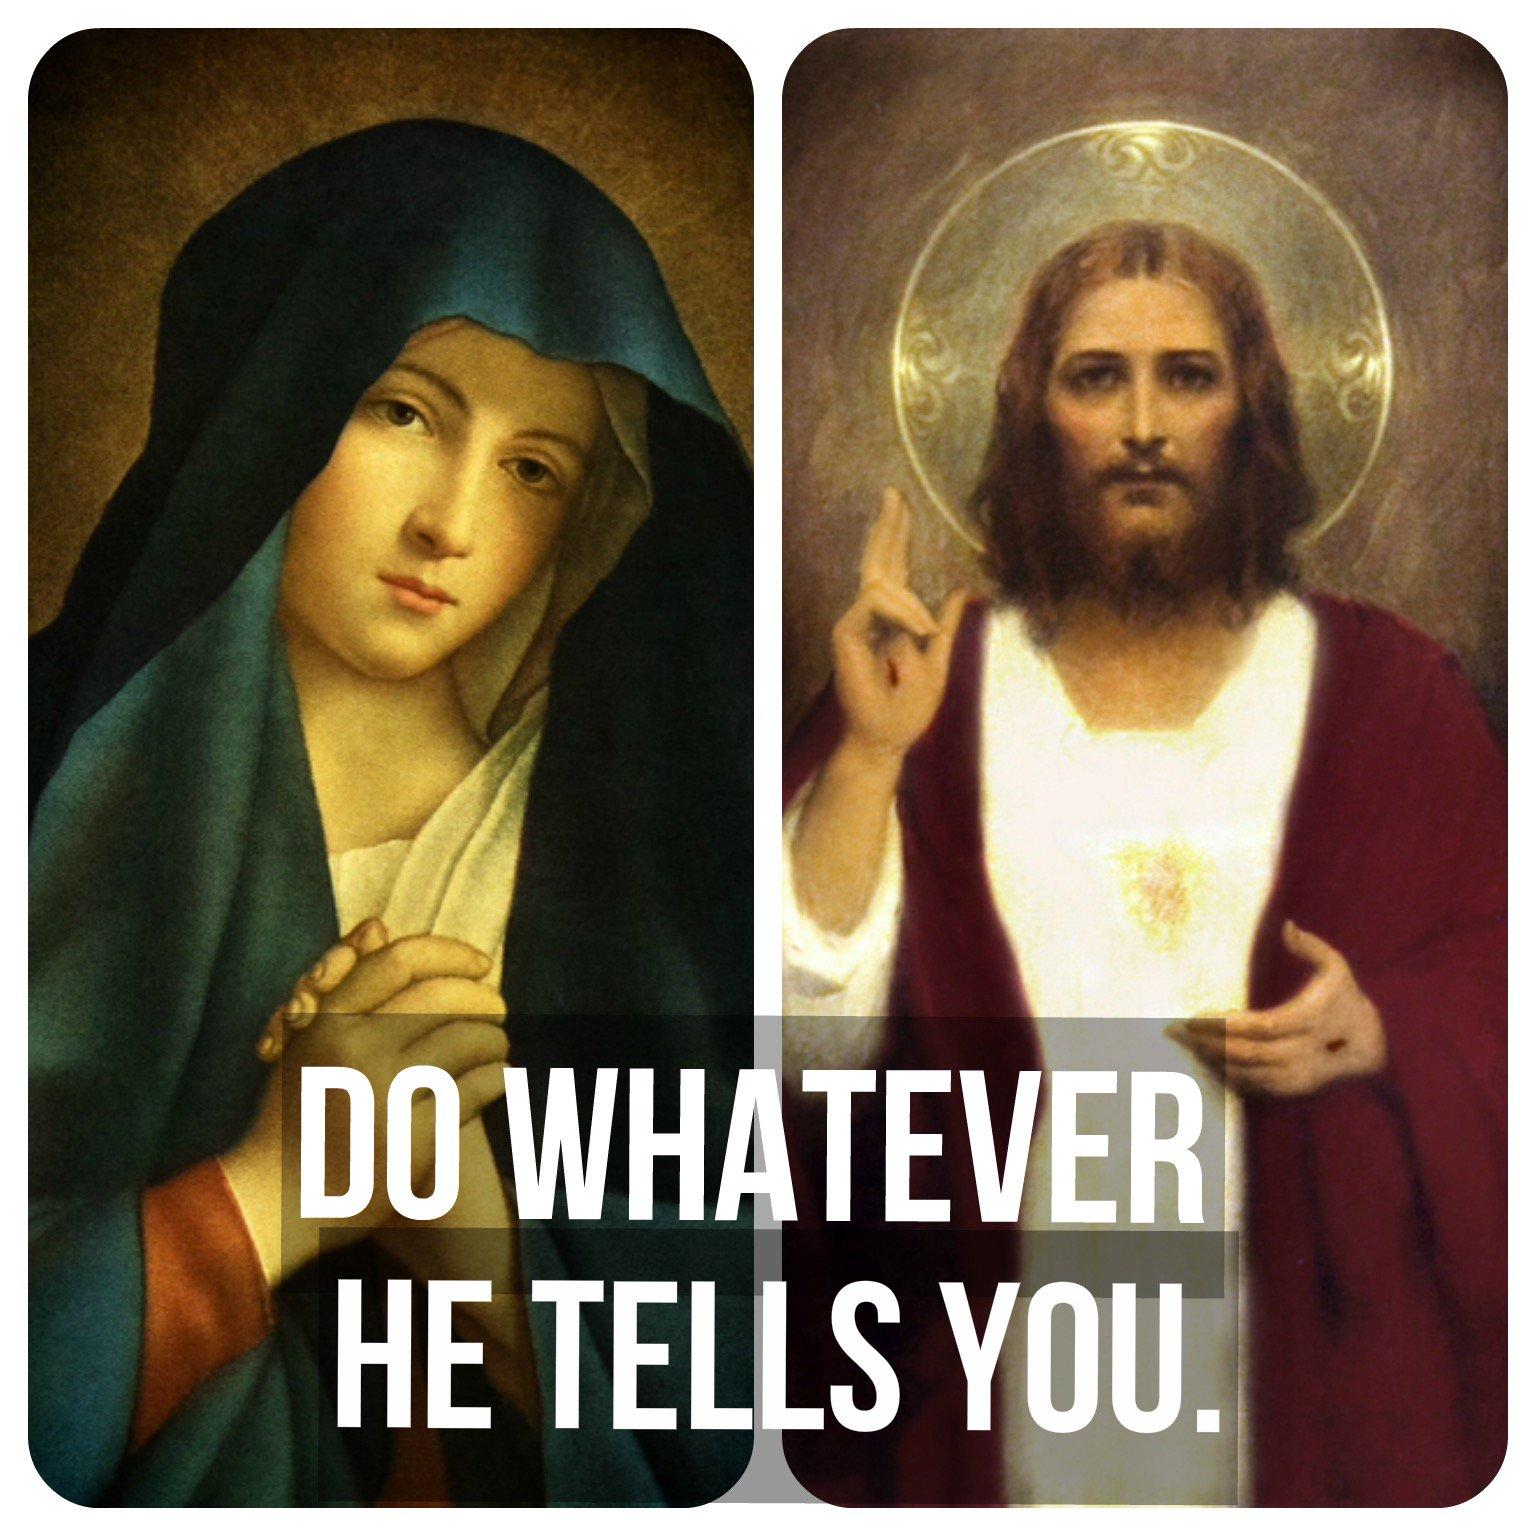 Whatever He tells you.jpg